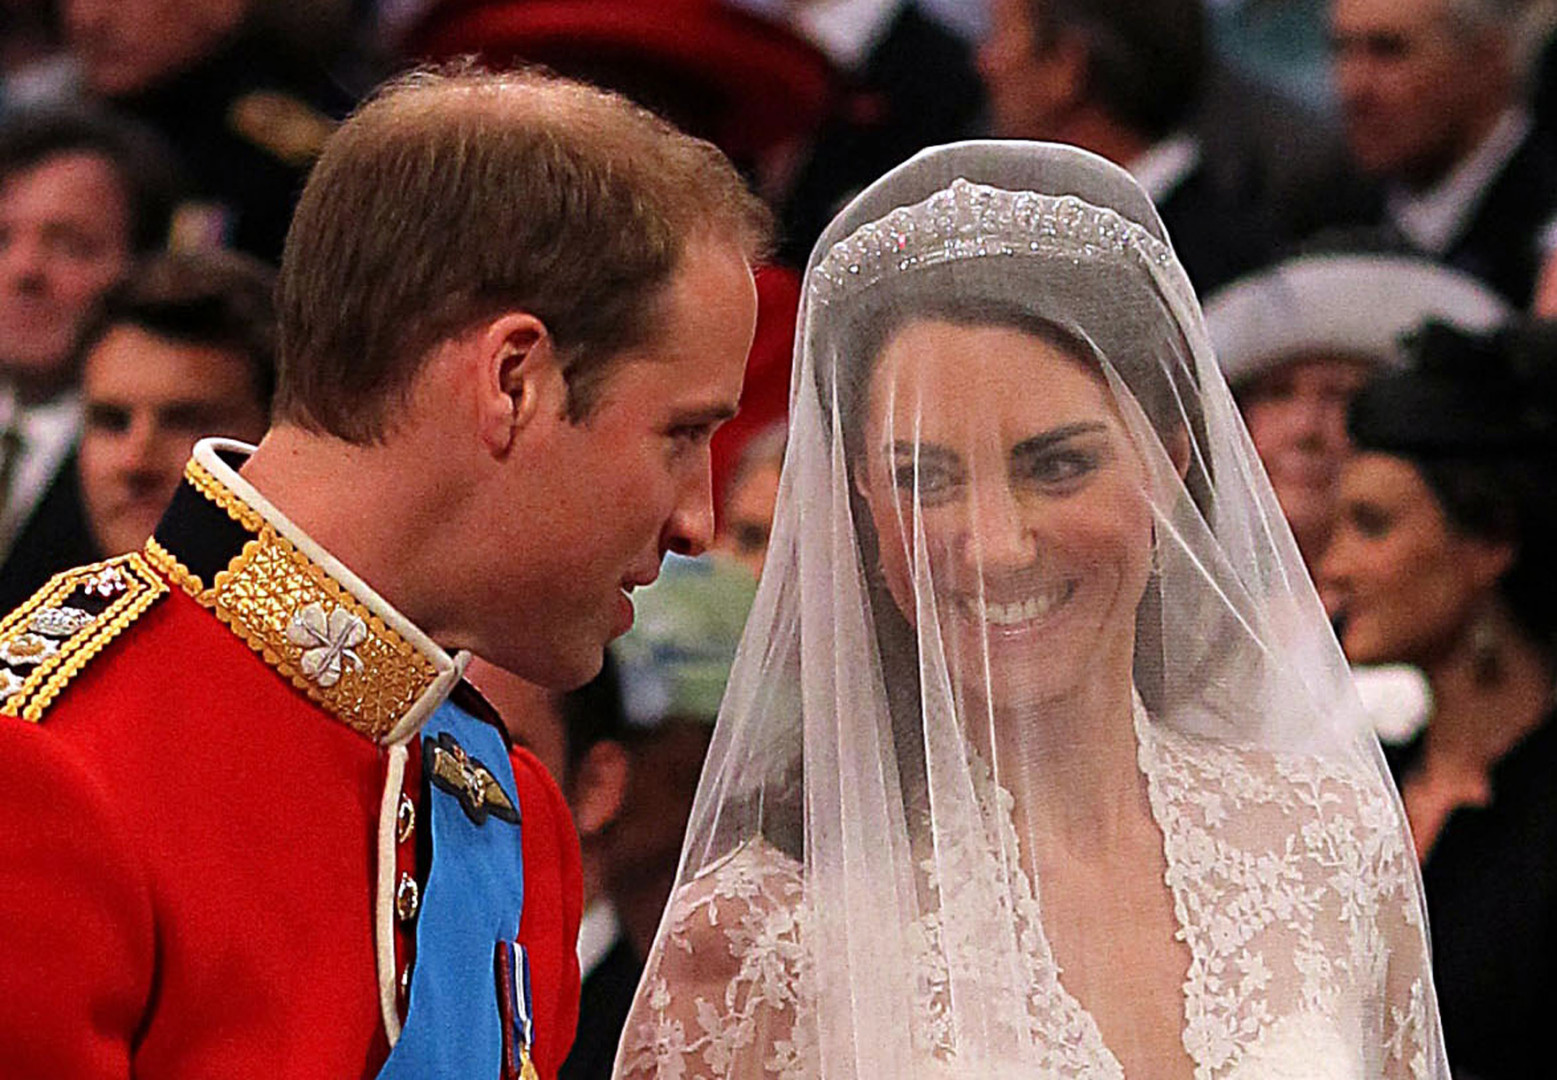 Premiers échanges de regards entre mari et femme le 29 avril 2011